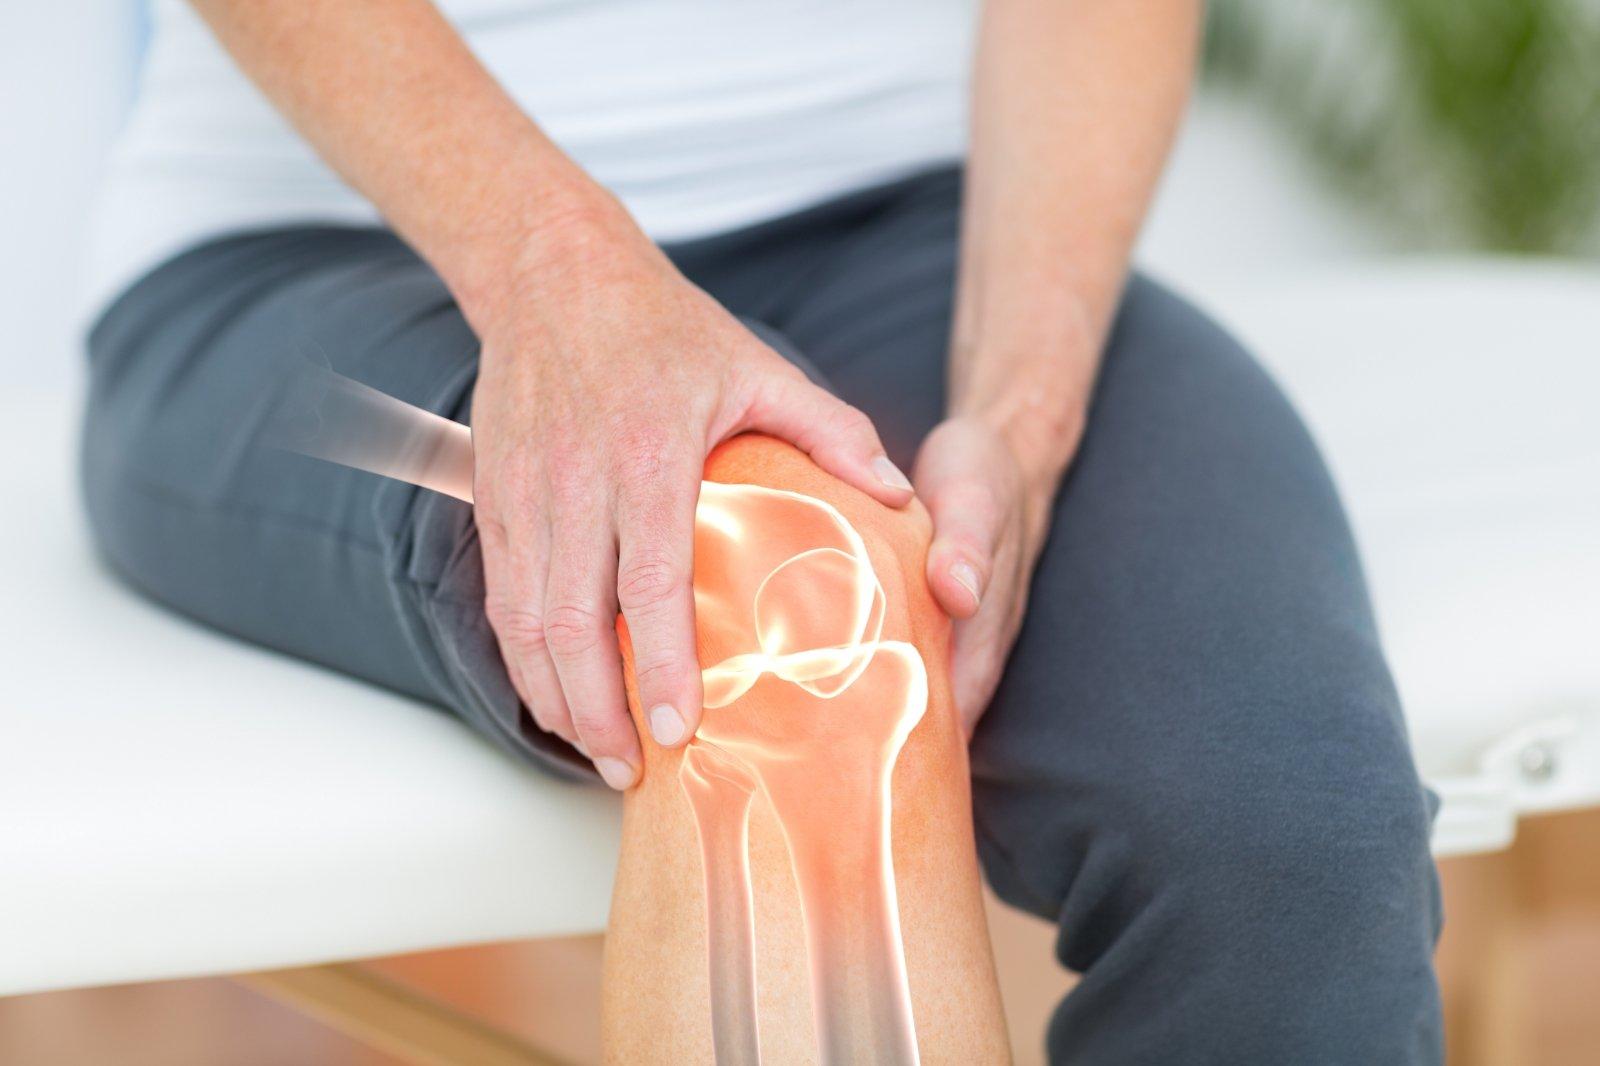 sąnarių skausmas iš darbo skauda nuo liaudies gynimo gydyti sąnarius